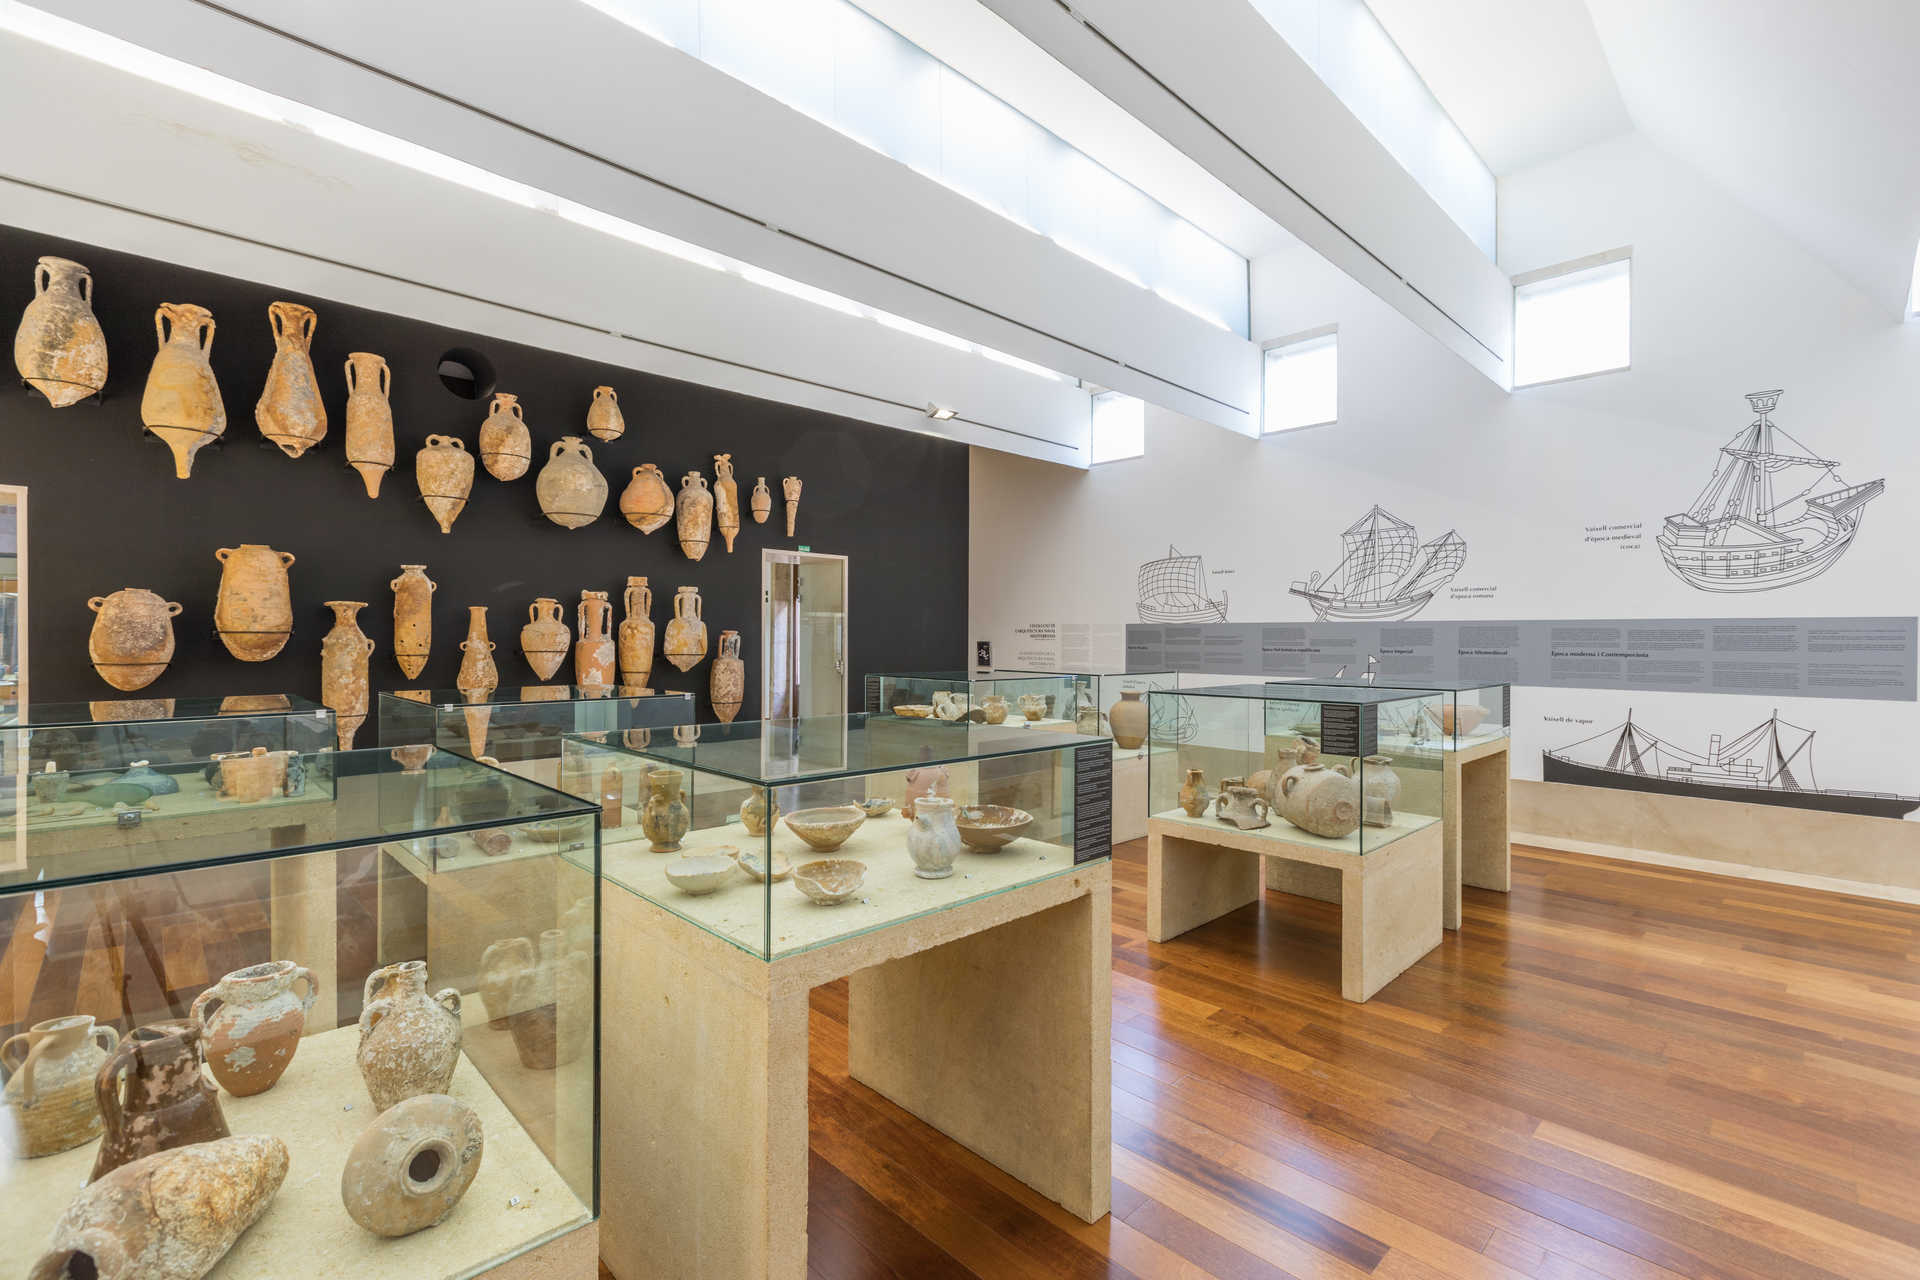 Archeologisches- und Völkerkundemuseum Soler Blasco